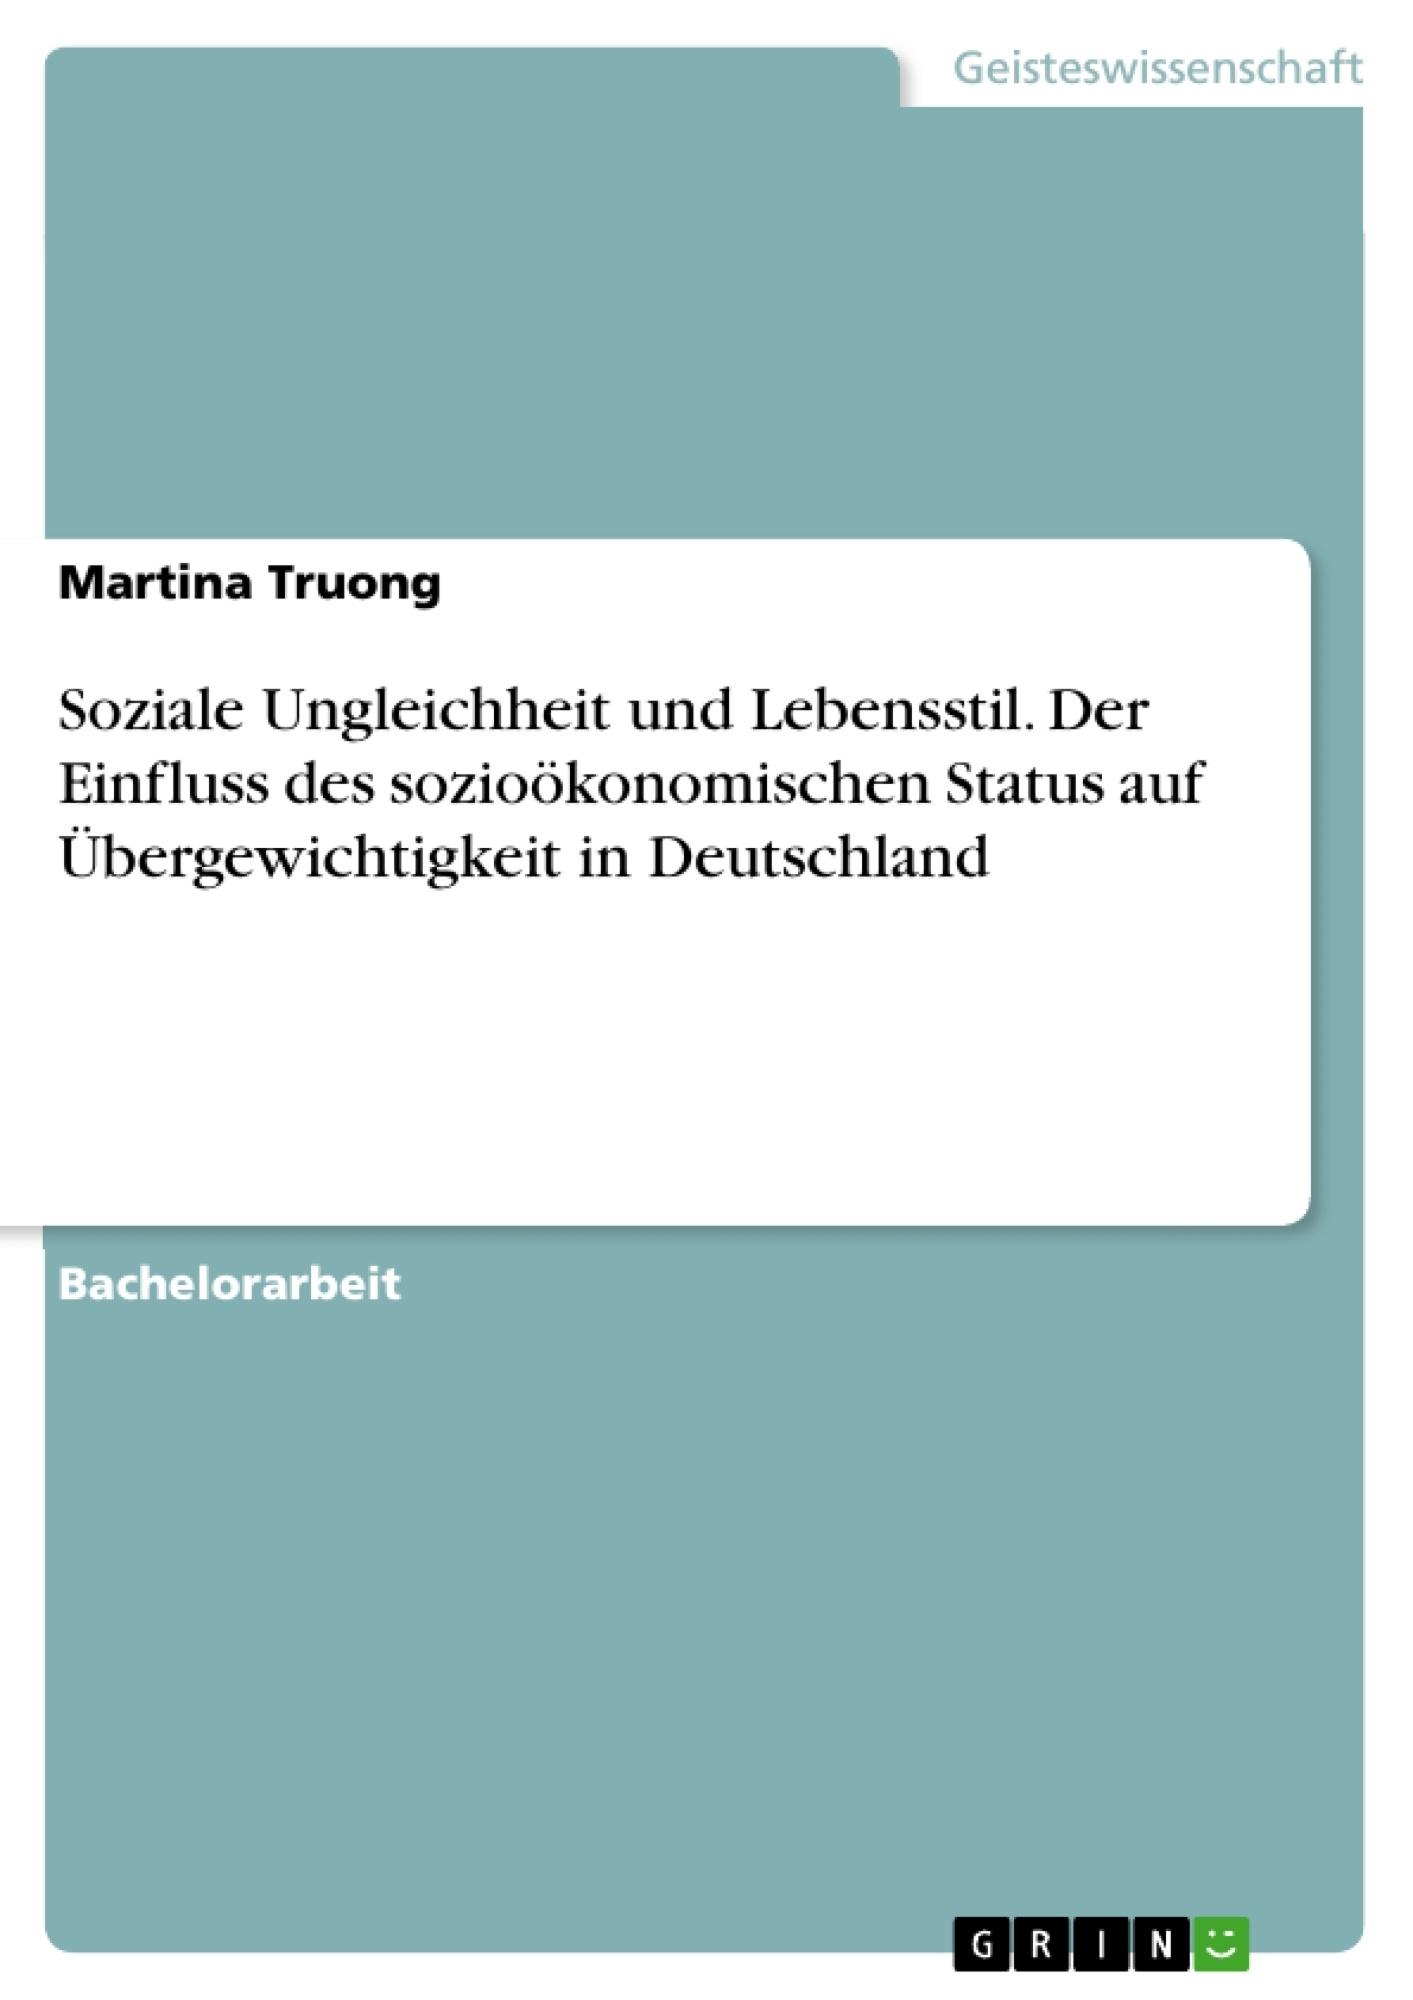 Titel: Soziale Ungleichheit und Lebensstil. Der Einfluss des sozioökonomischen Status auf Übergewichtigkeit in Deutschland